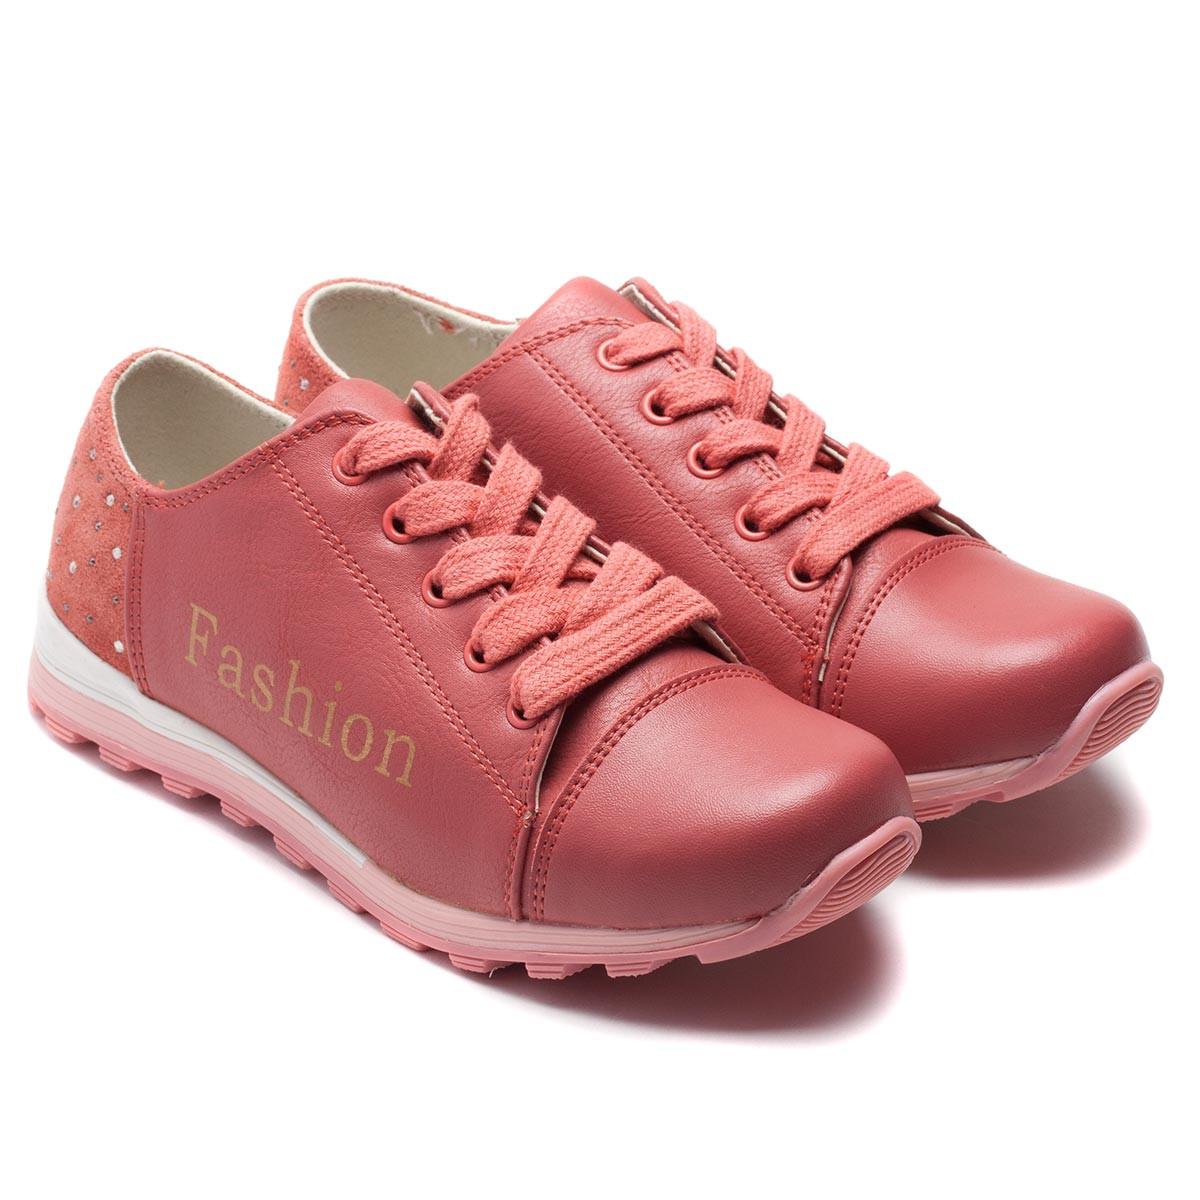 a4cd08fa1577 Спортивная обувь для девочки, кроссовки Шалунишка, розовые, размер 31-36